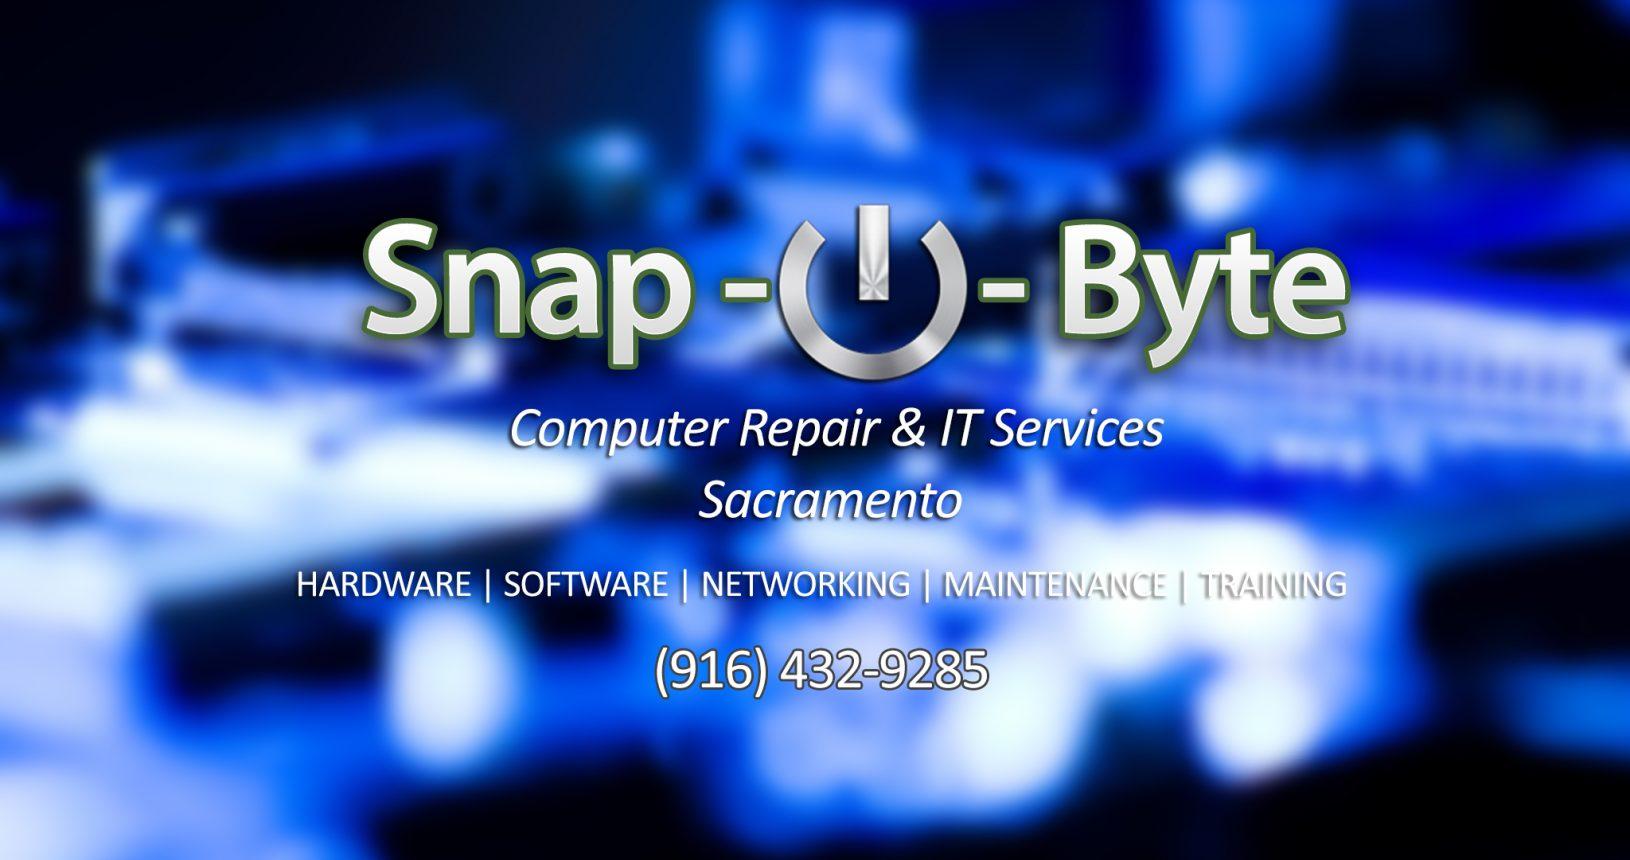 Snap-O-Byte Computer Repair & IT Services Sacramento